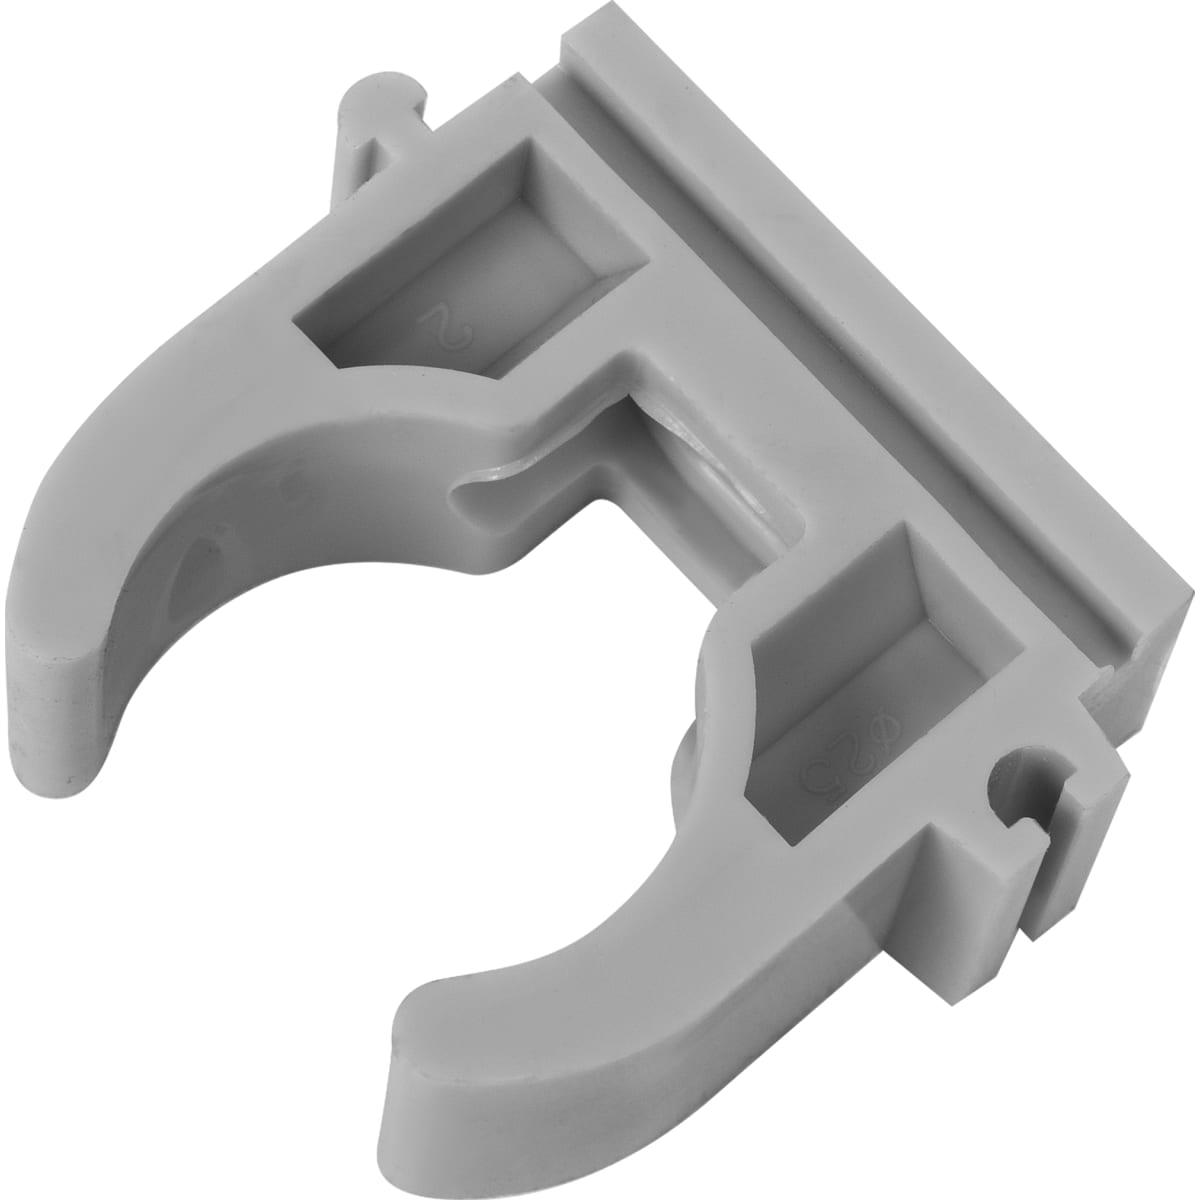 Крепёж трубы FV-Plast, 25 мм, полипропилен, цвет серый